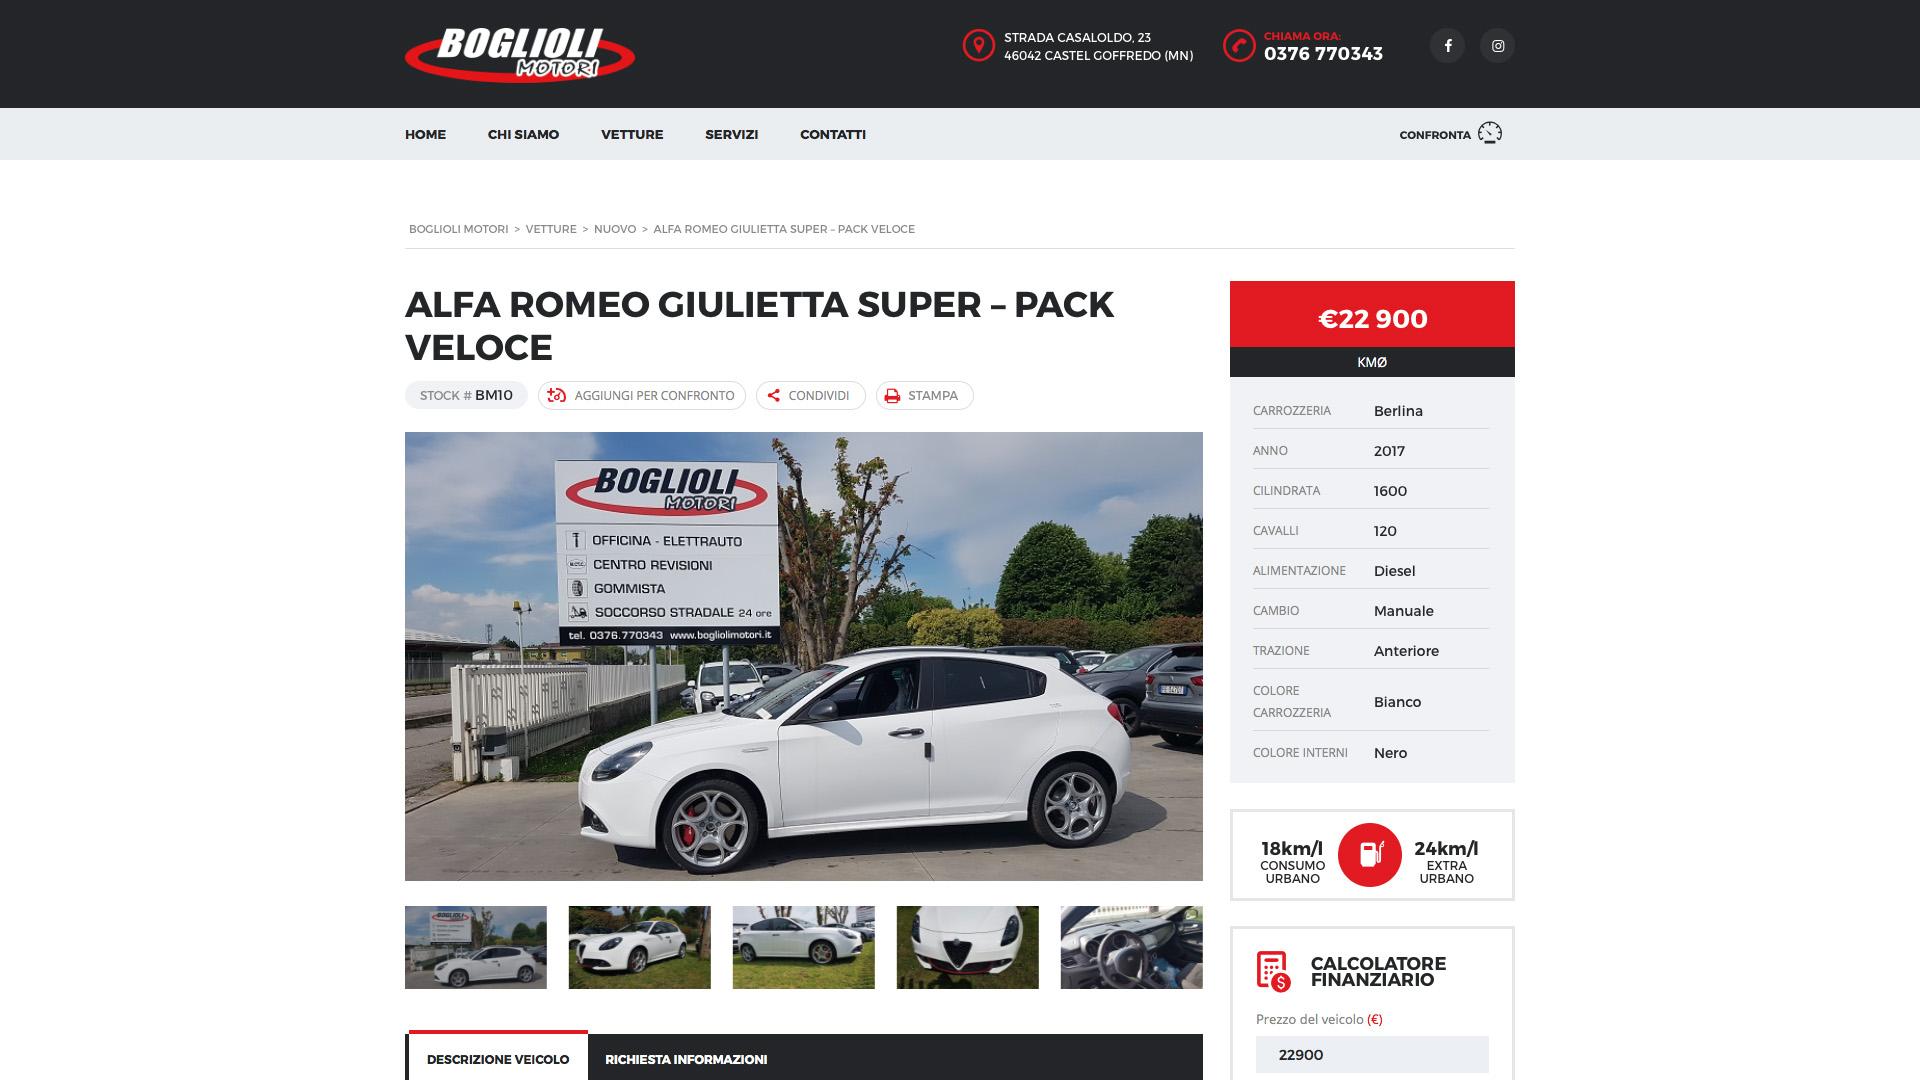 sito-web-concessionaria-qappuccino-boglioli_10